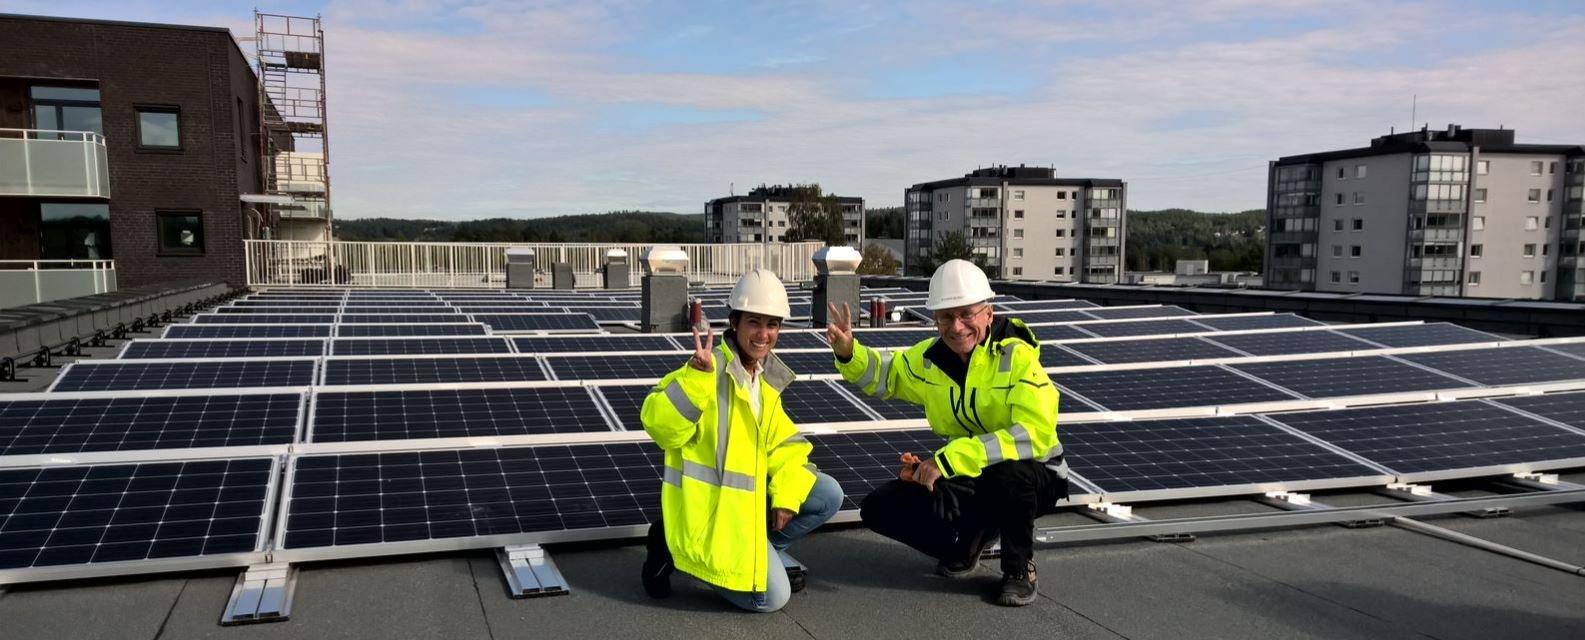 Solcellepaneler på taket i Kjerulfsgate i Lillestrøm